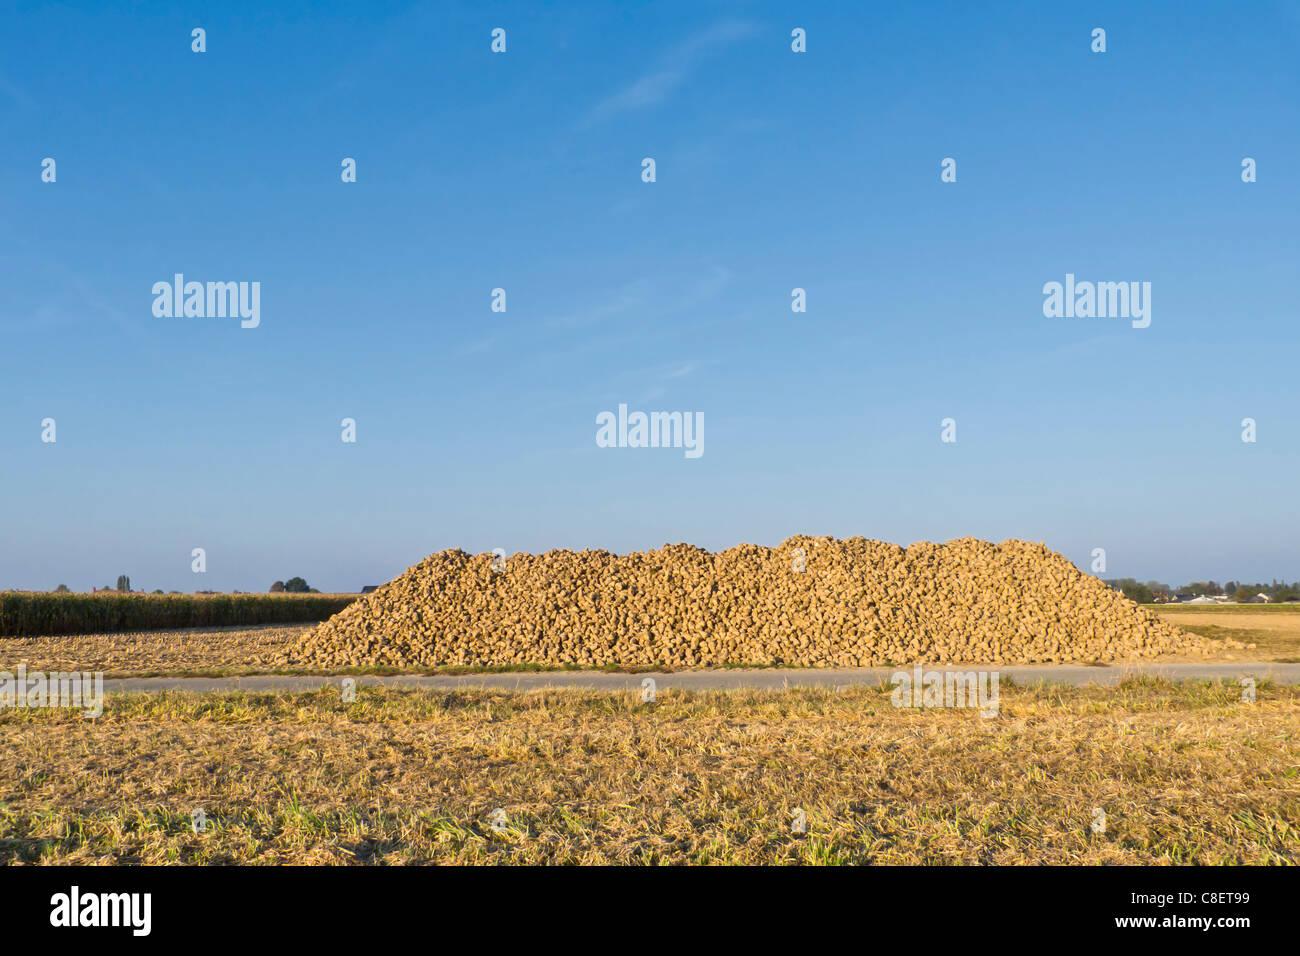 Sugar Beet Harvest Landscape - Stock Image